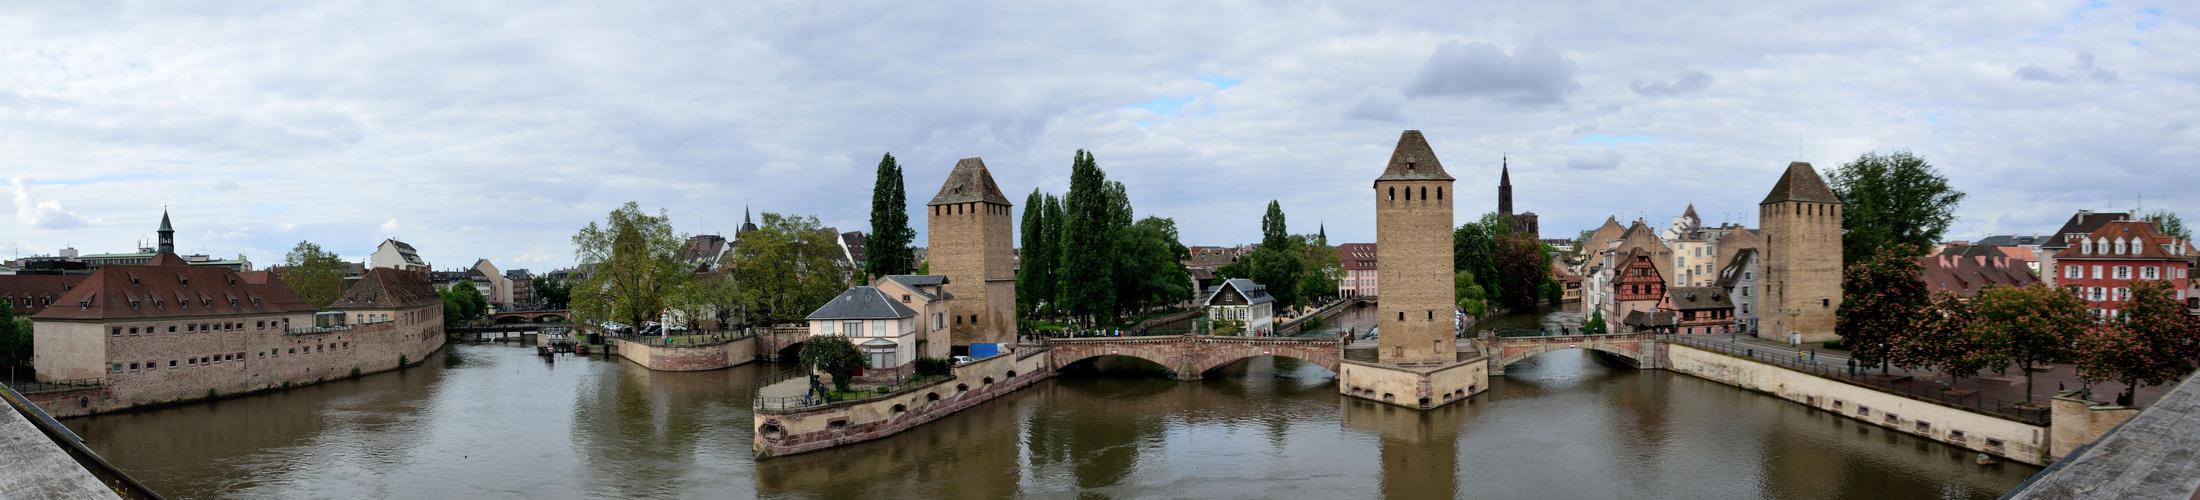 Straßburg Schleußen und Brücken in der Ill